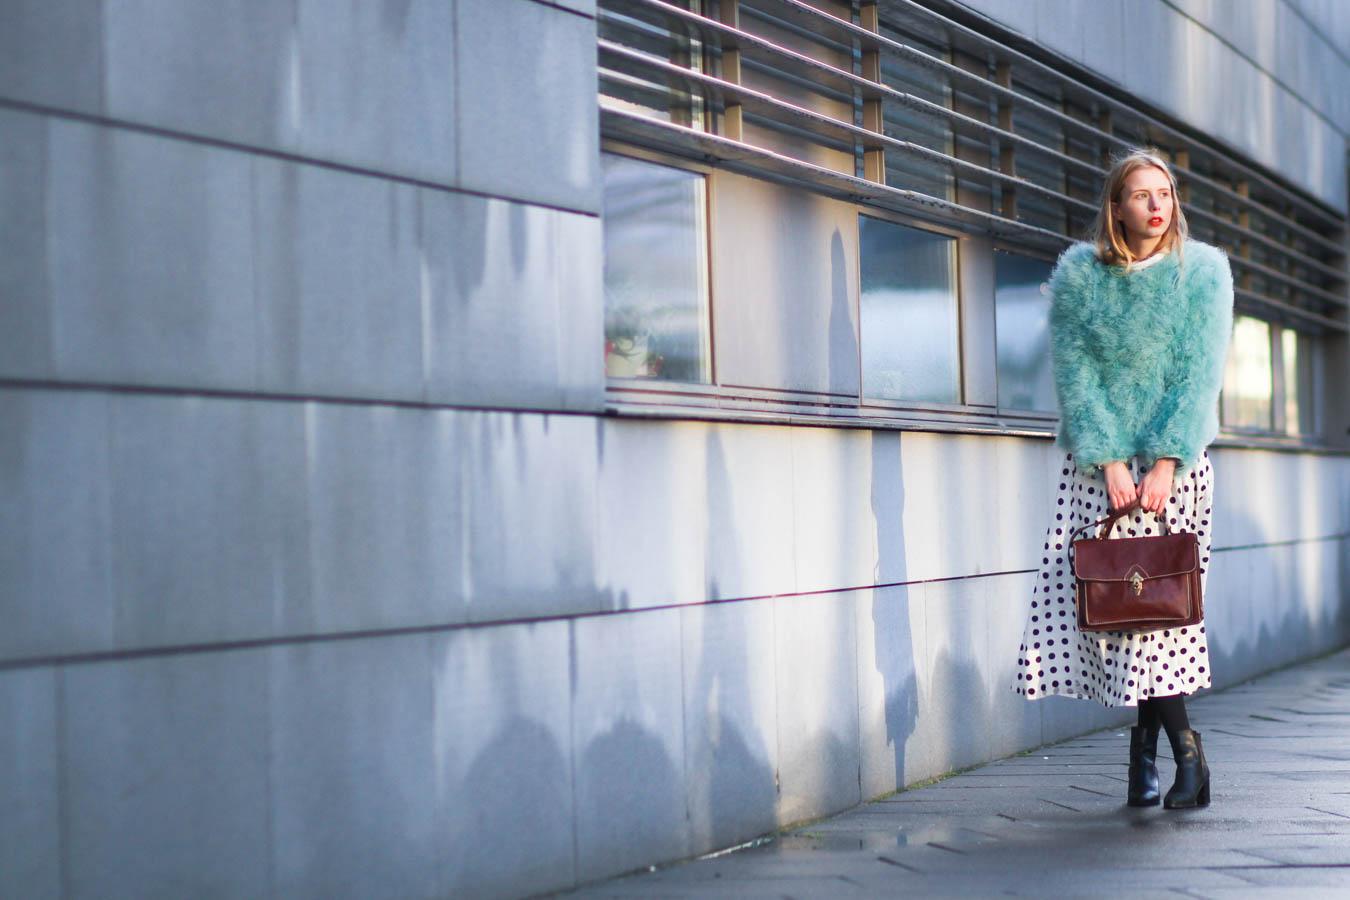 outfit December nemesis babe marie jensen danish blogger gåsejakken-1